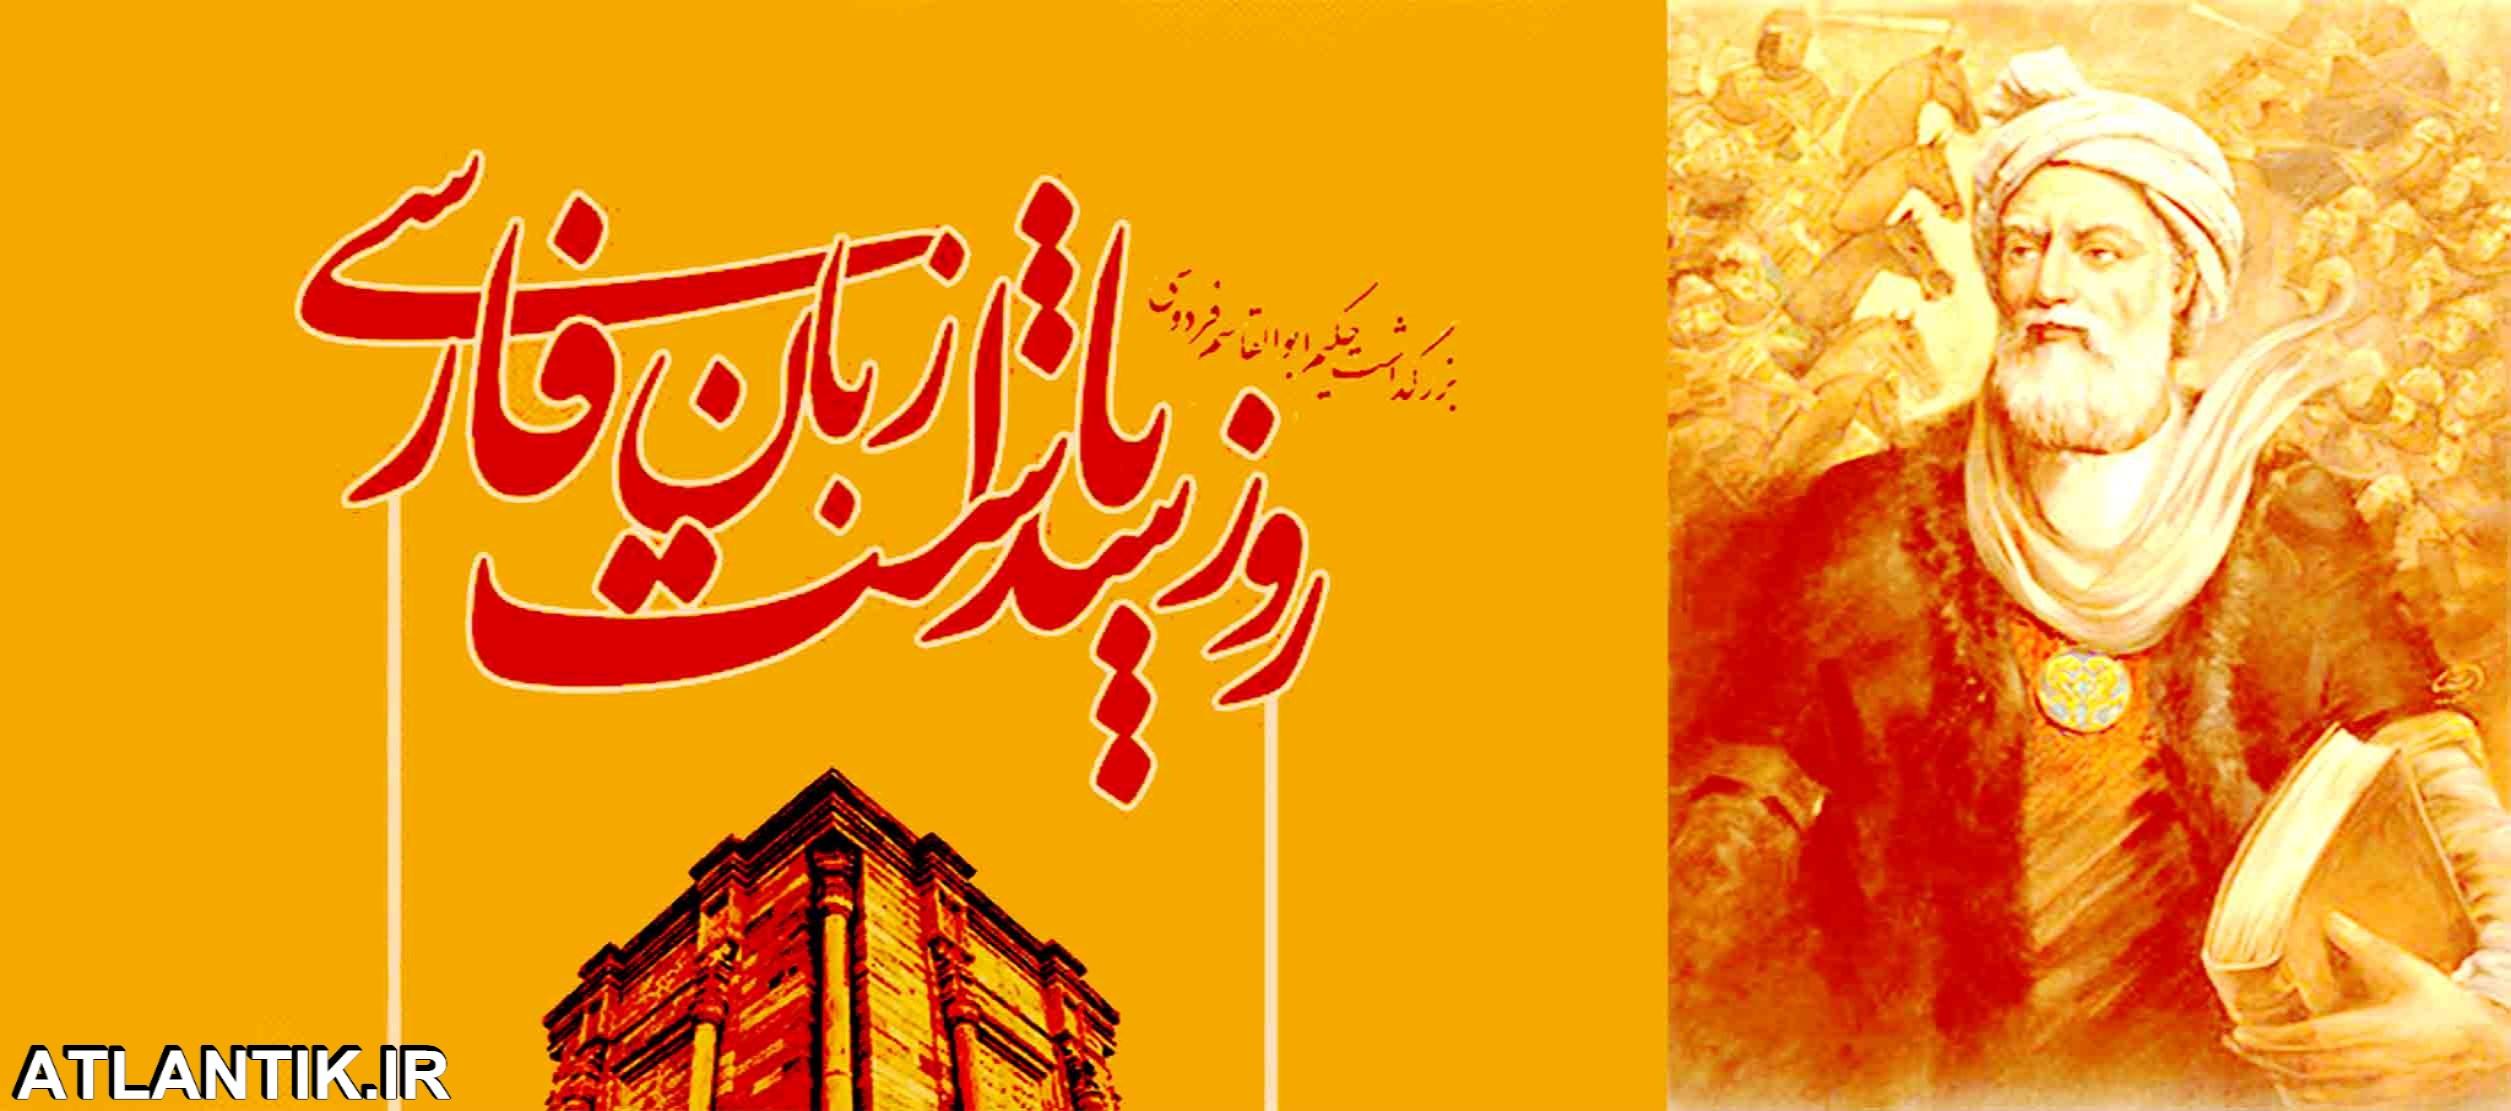 بیست و پنجم اردیبهشت ماه روز بزرگداشت فردوسی و پاسداشت زبان فارسی